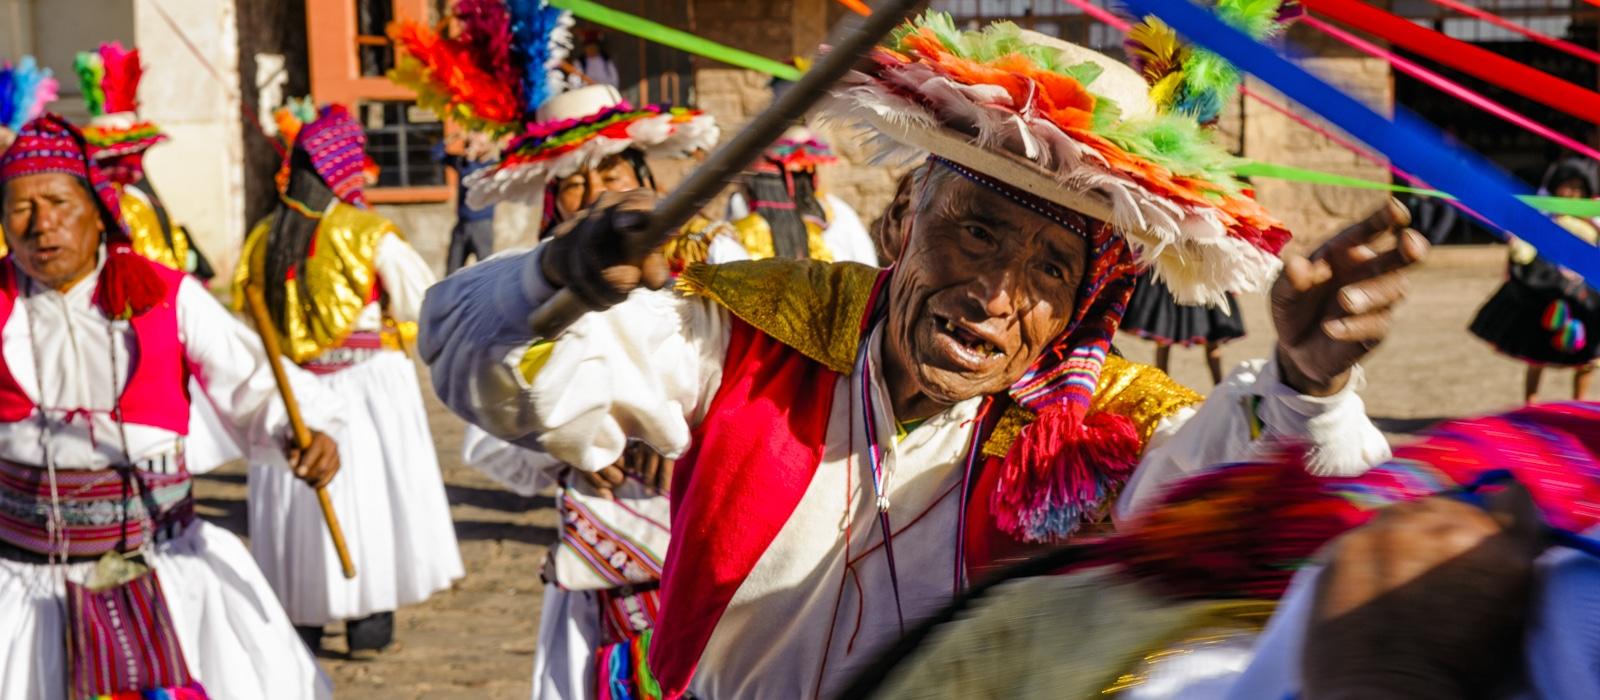 Taquile, lac titicaca, Pérou - Voyage organisé en petit groupe offert par l'agence de voyage Les routes du Monde